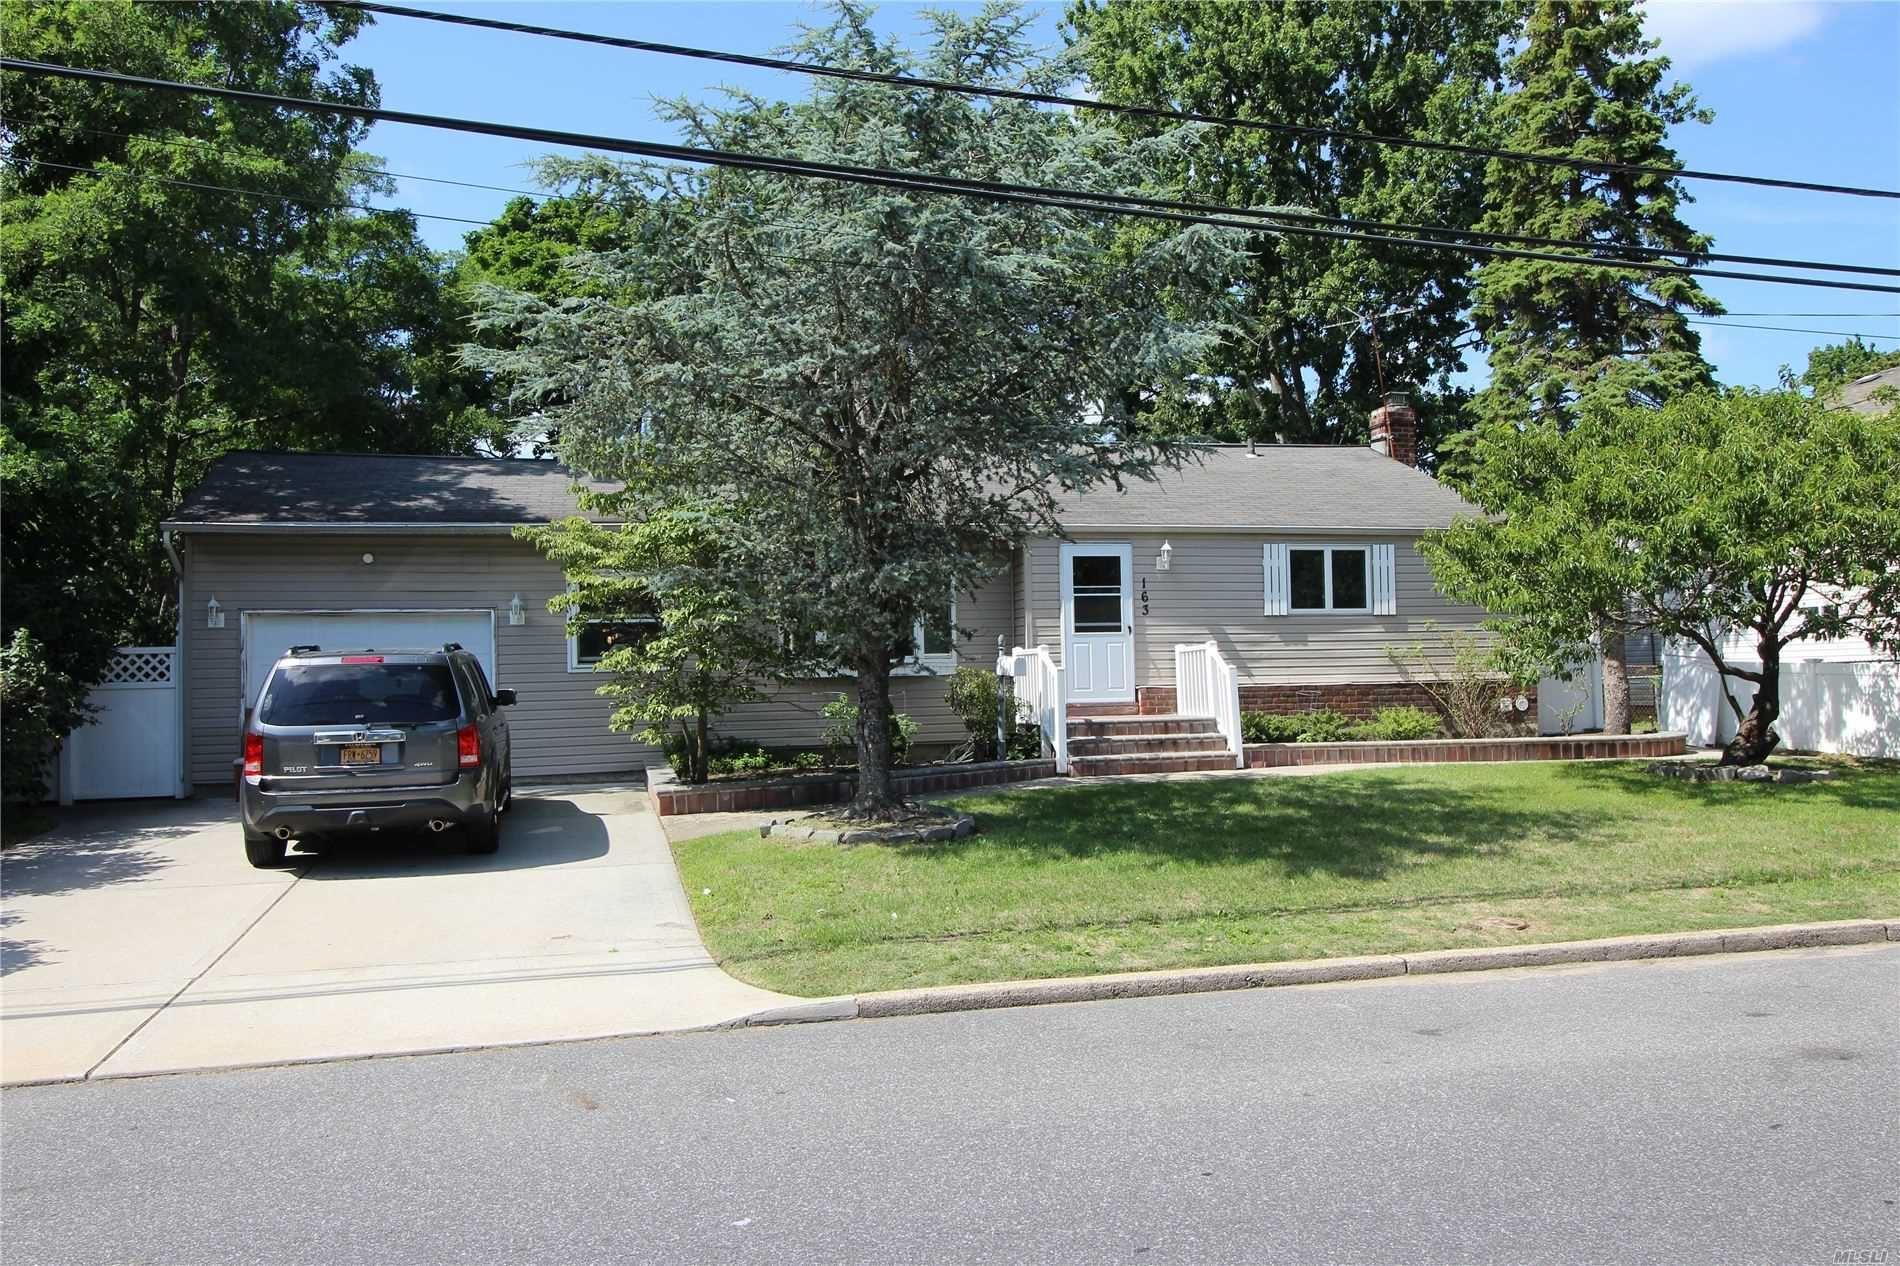 163 New Jersey Ave, Bay Shore, NY 11706 - MLS#: 3233885